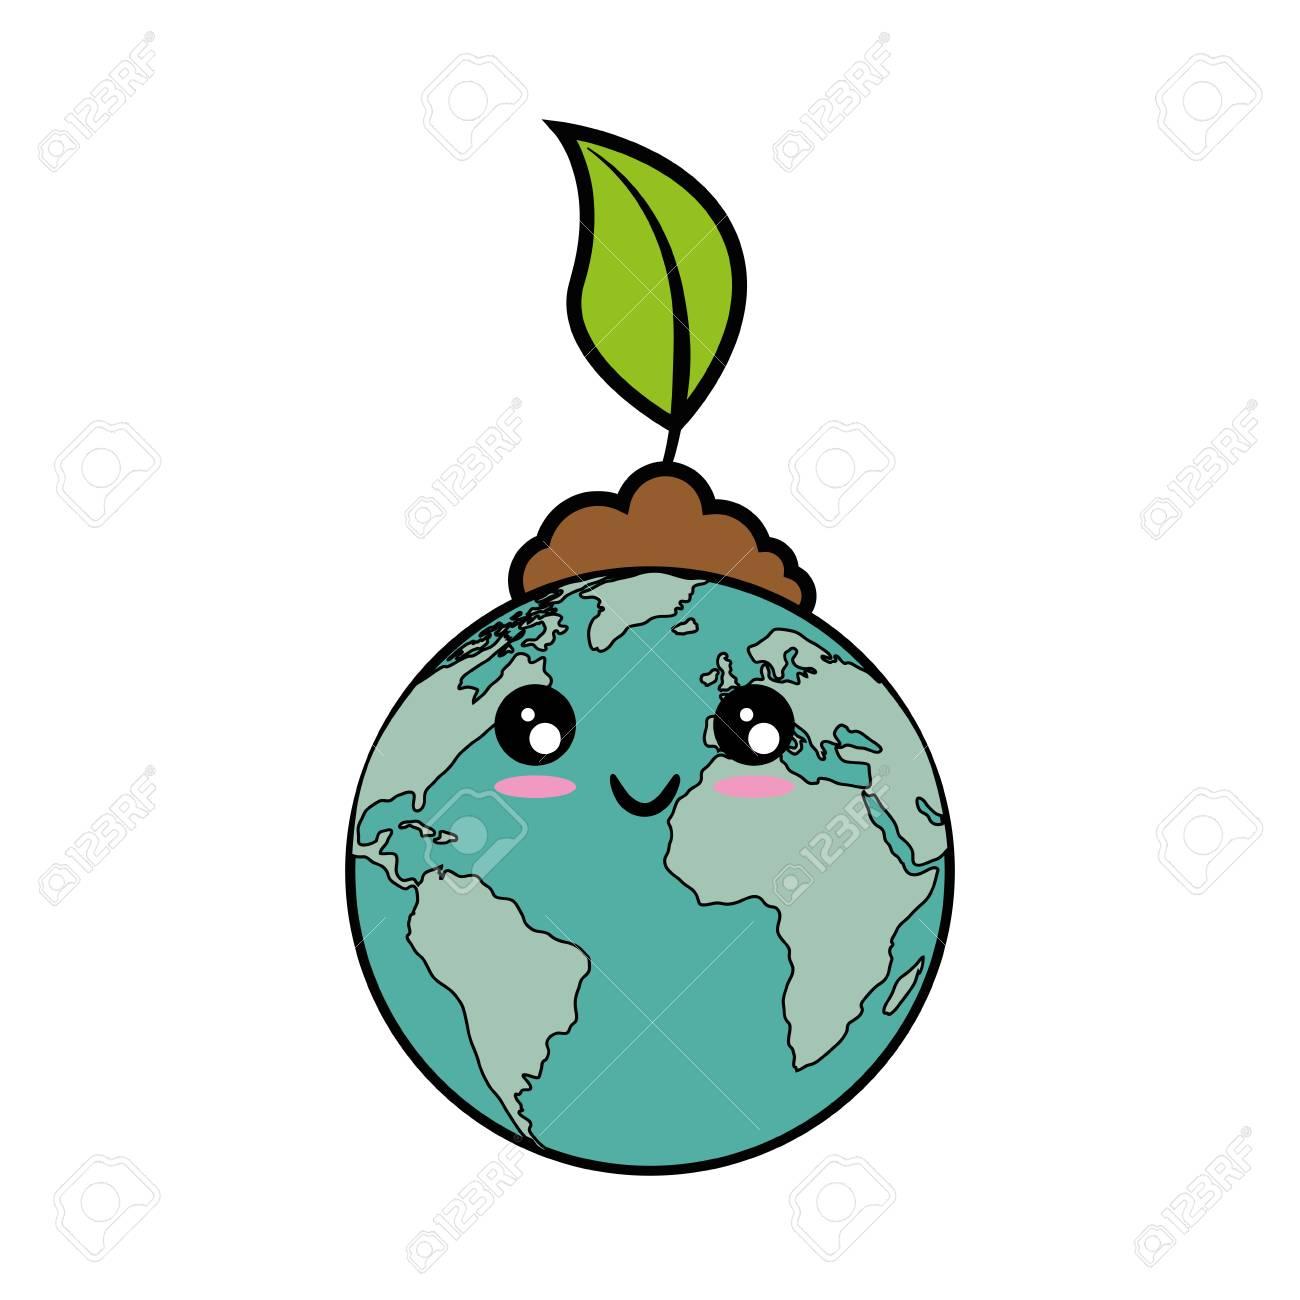 Dessin Planète Terre icône de planète terre kawaii sur illustration vectorielle fond